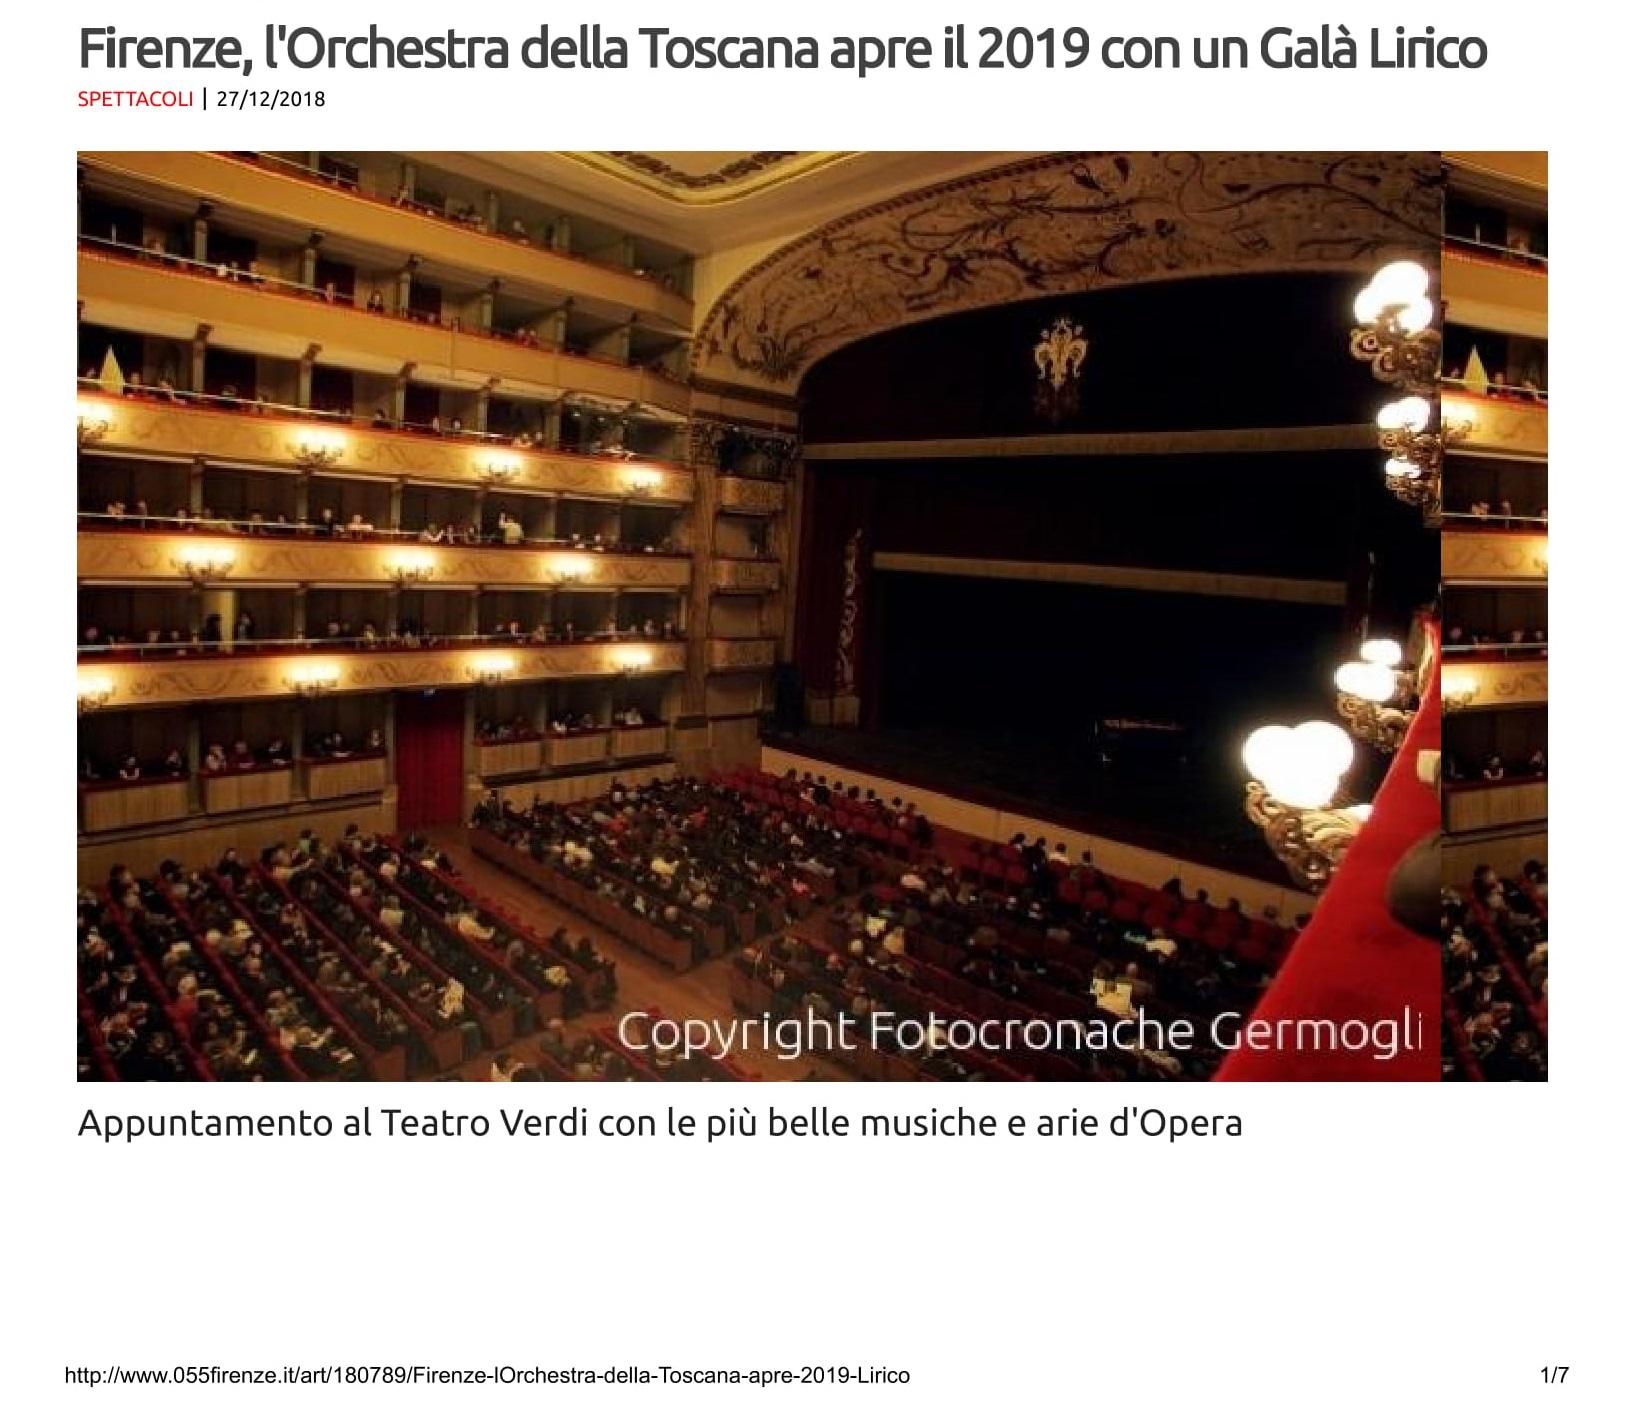 Firenze, l'Orchestra della Toscana apre il 2019 con un Galà Lirico - 055Firenze-1